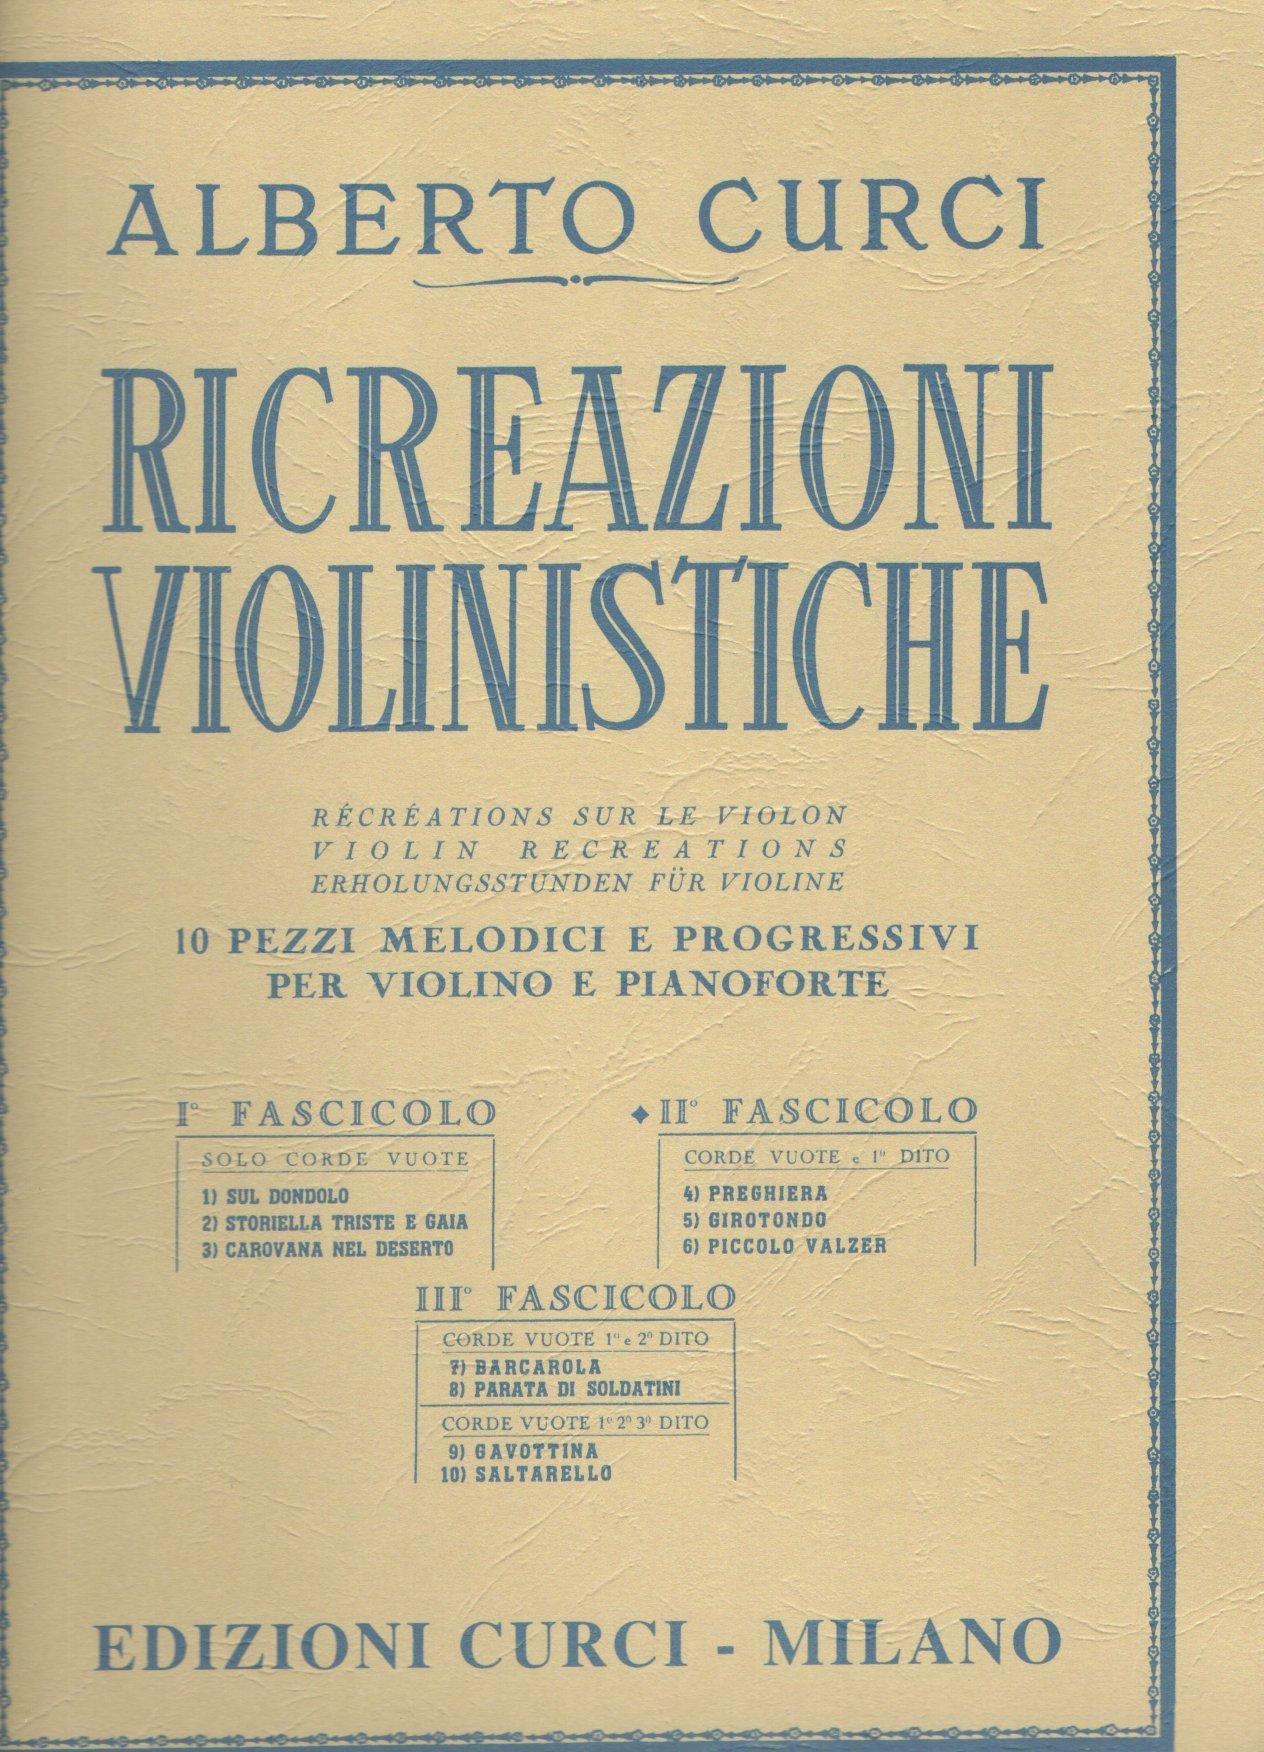 CURCI RICREAZIONI VIOLINISTICHE II FASCICOLO -